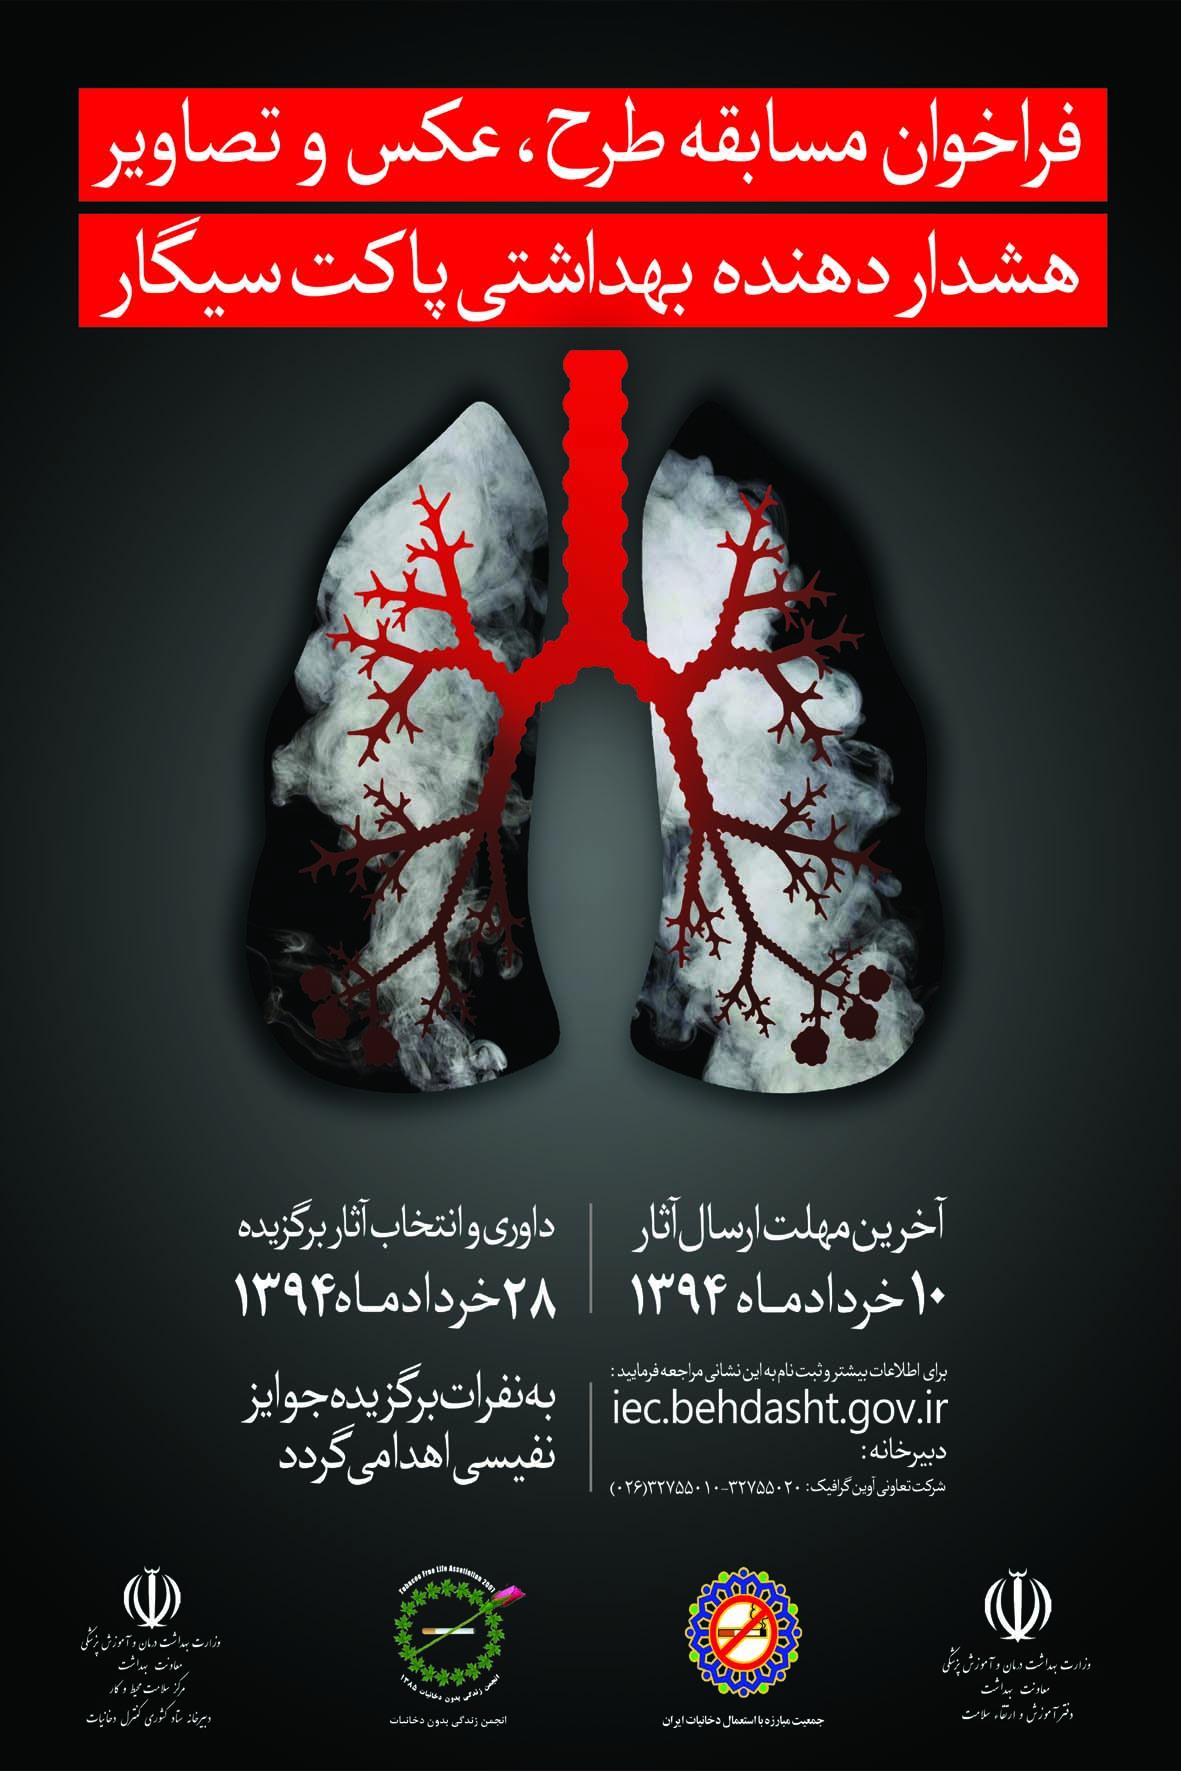 فراخوان مسابقه طرح، عکس و تصاویر هشدار دهنده بهداشتی پاکت سیگار